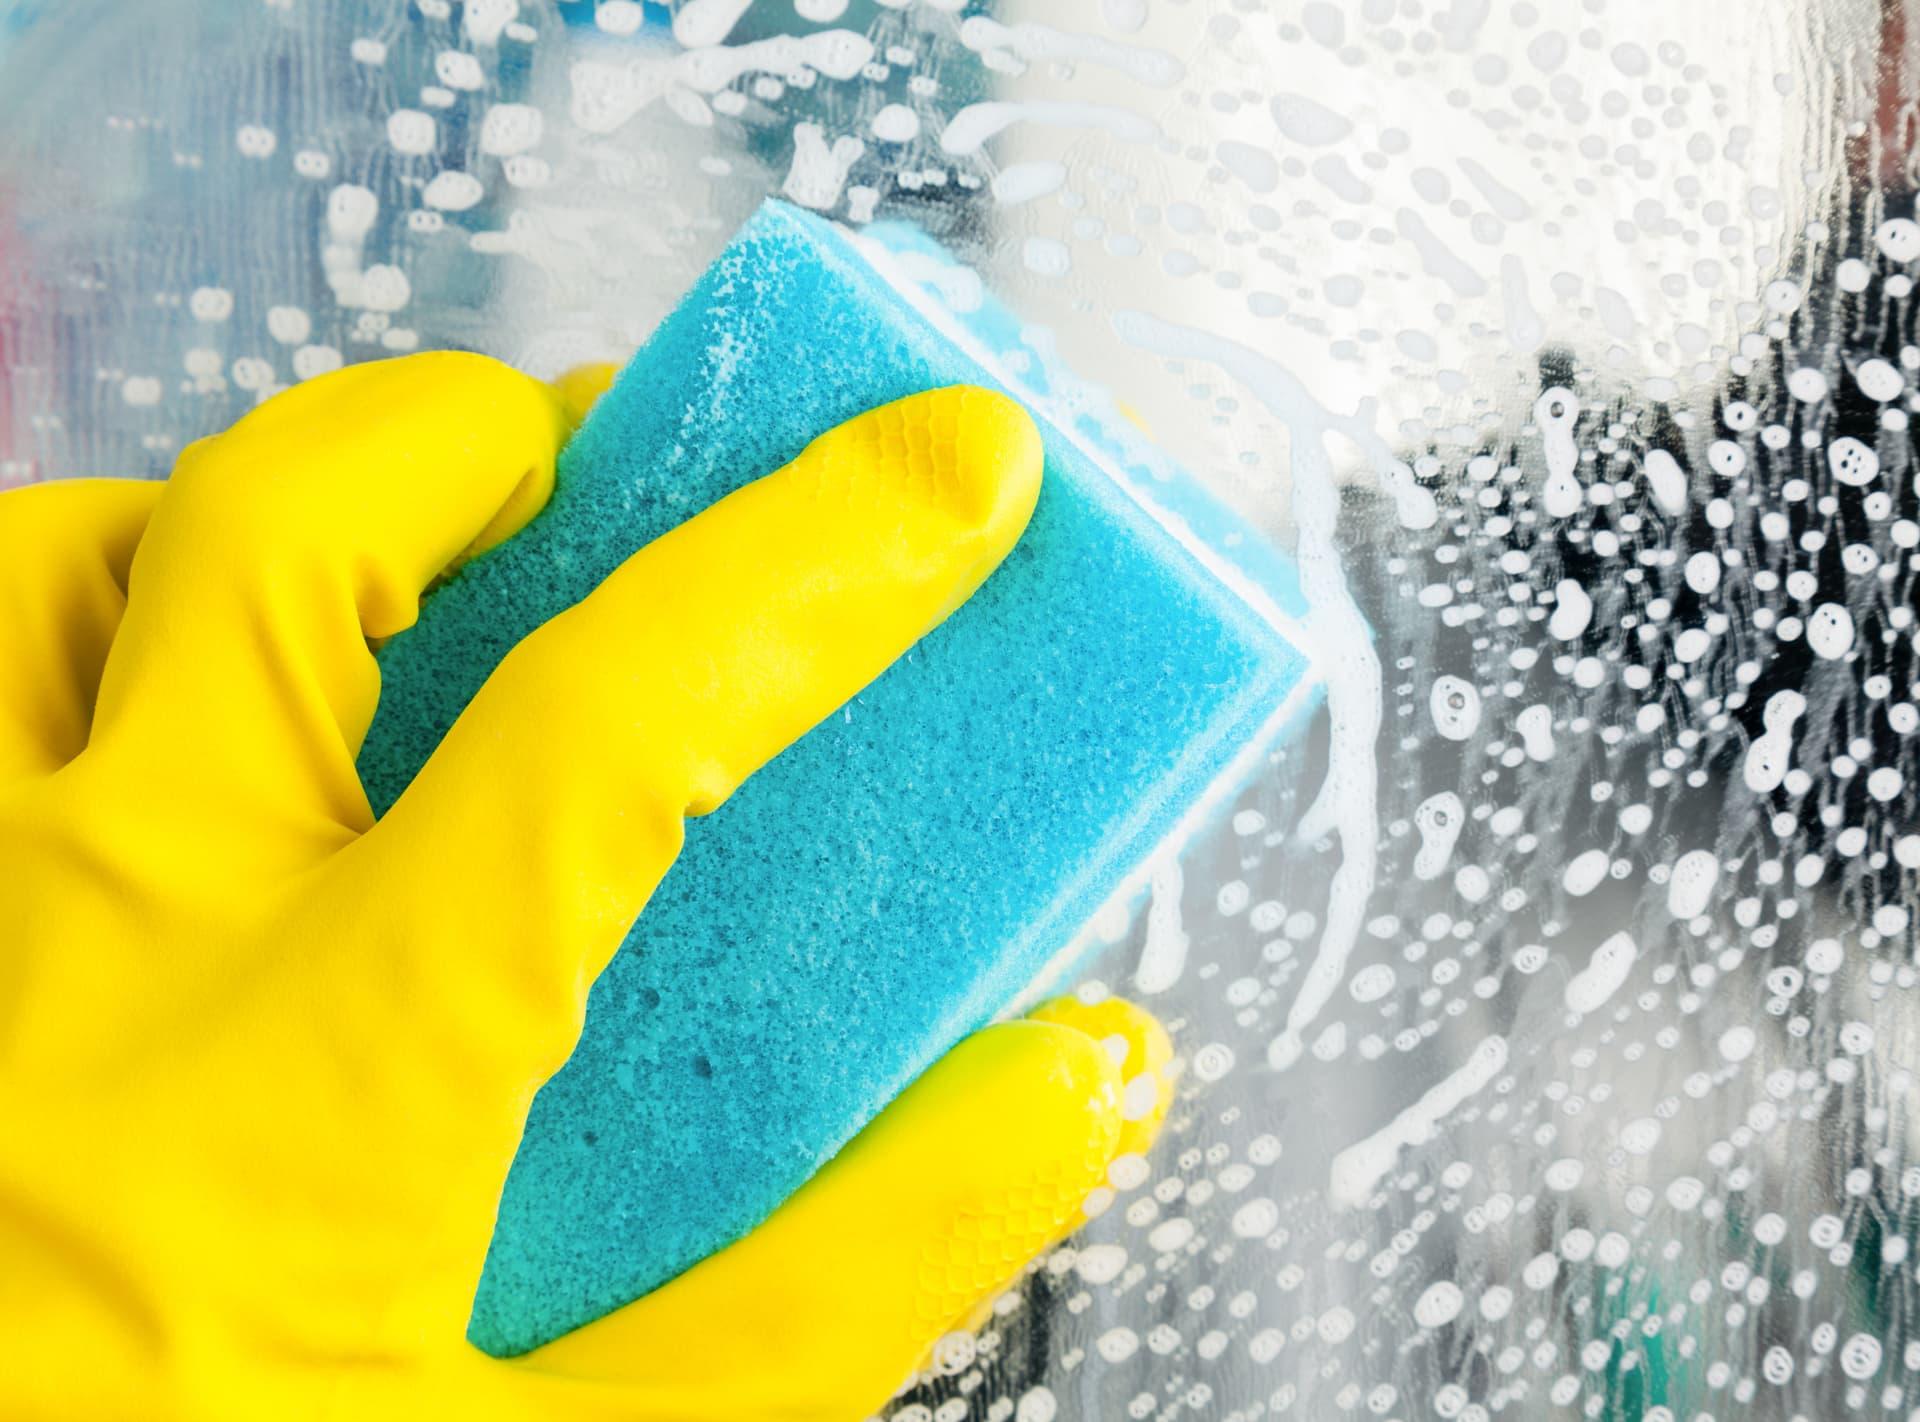 Rengøring af glasoverflade